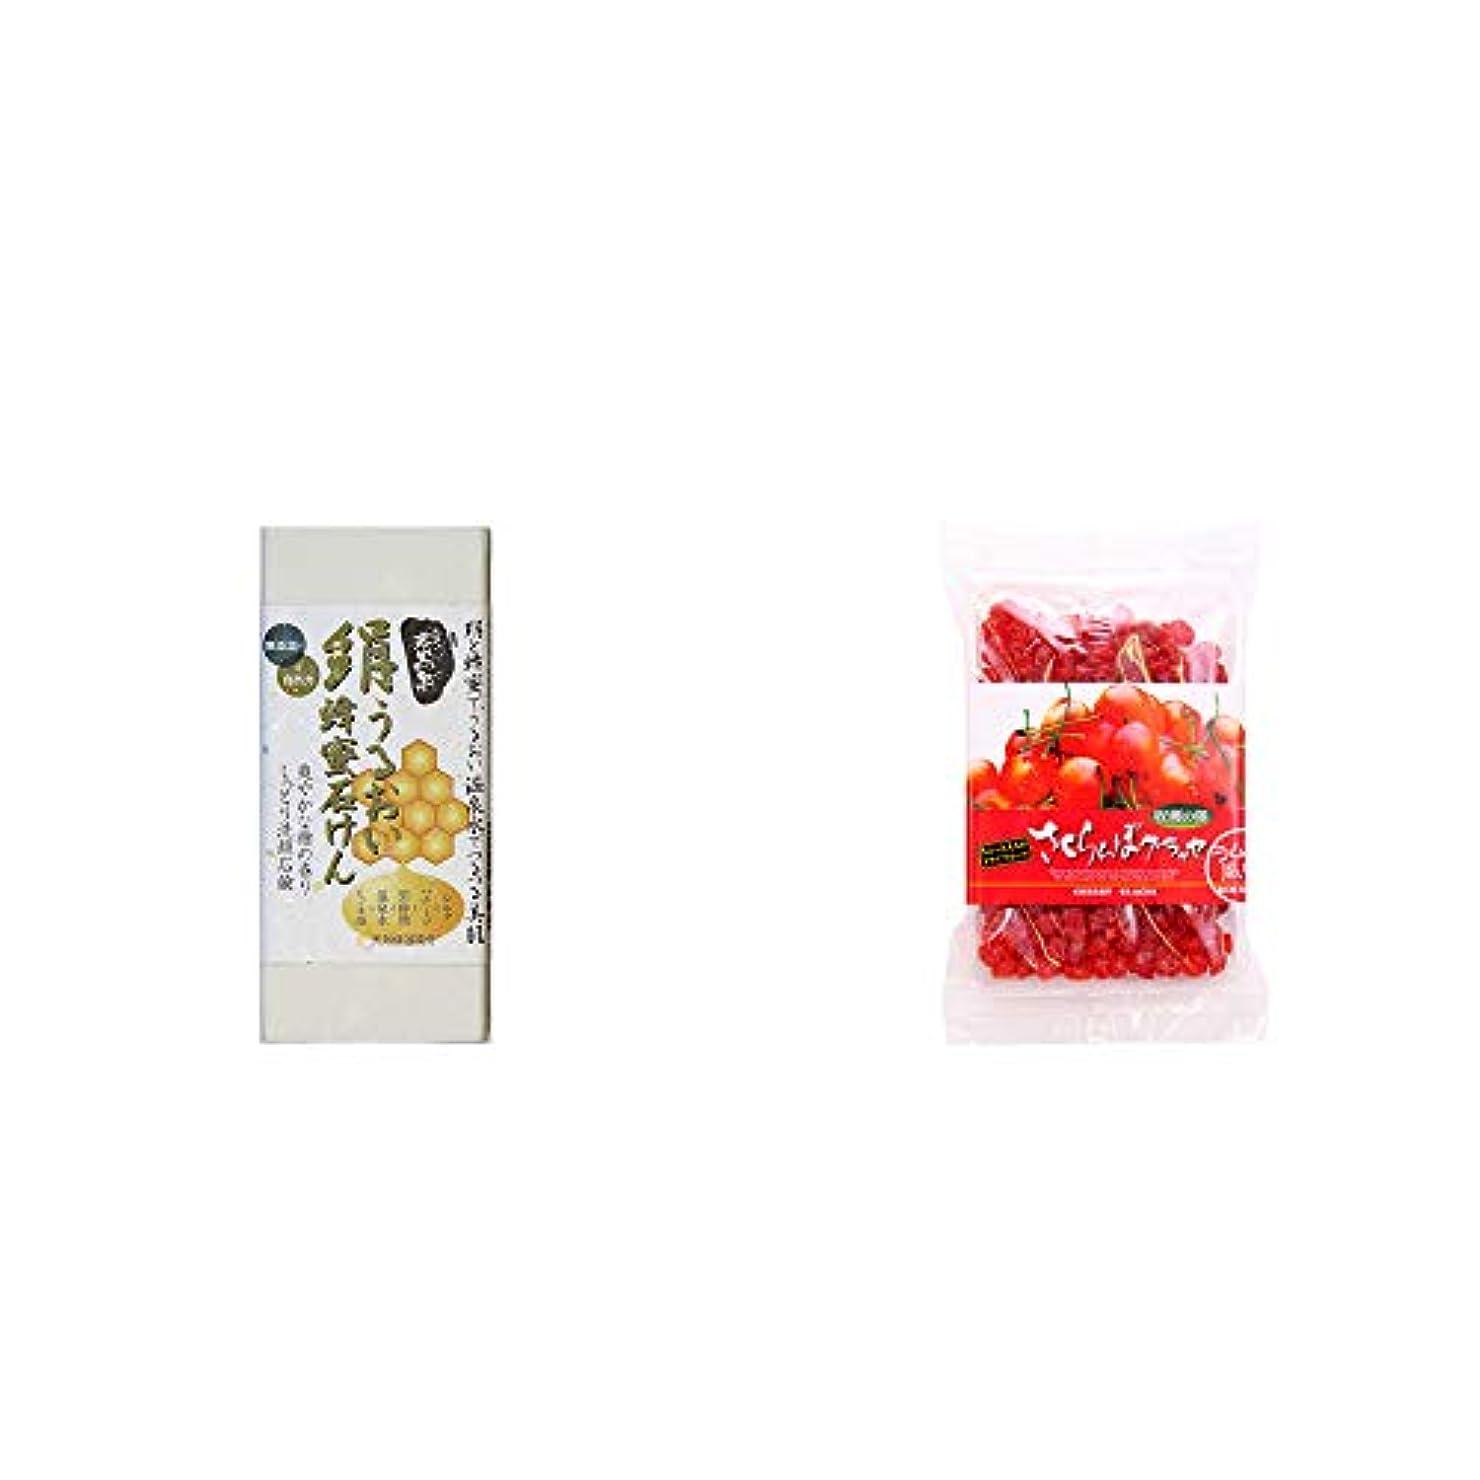 愛上流の深さ[2点セット] ひのき炭黒泉 絹うるおい蜂蜜石けん(75g×2)?収穫の朝 さくらんぼグラッセ ラム酒風味(180g)